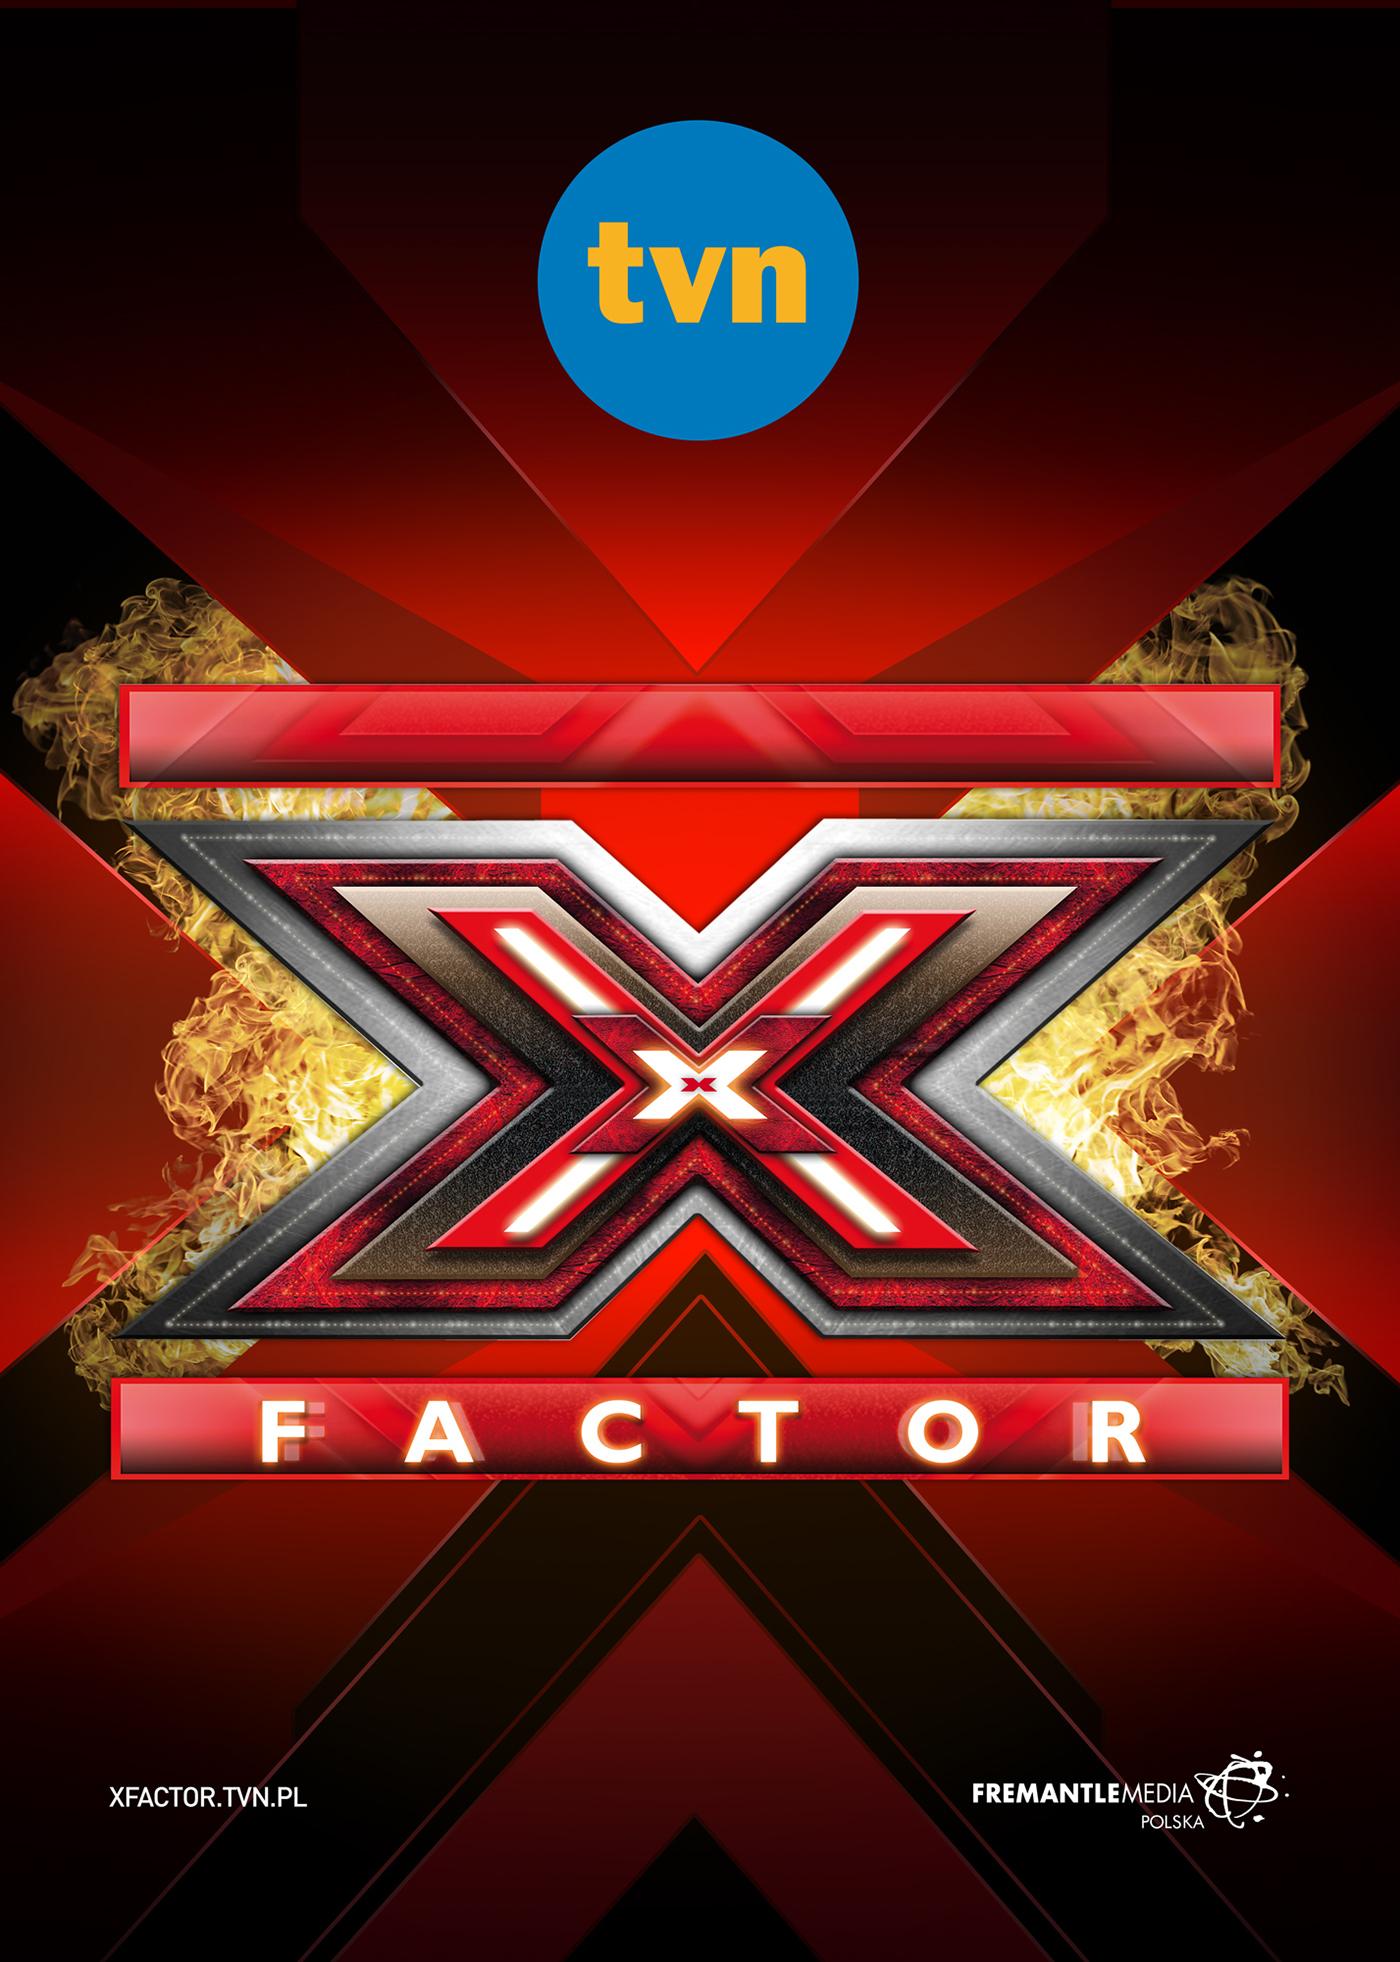 X-FACTOR 2014 TVN